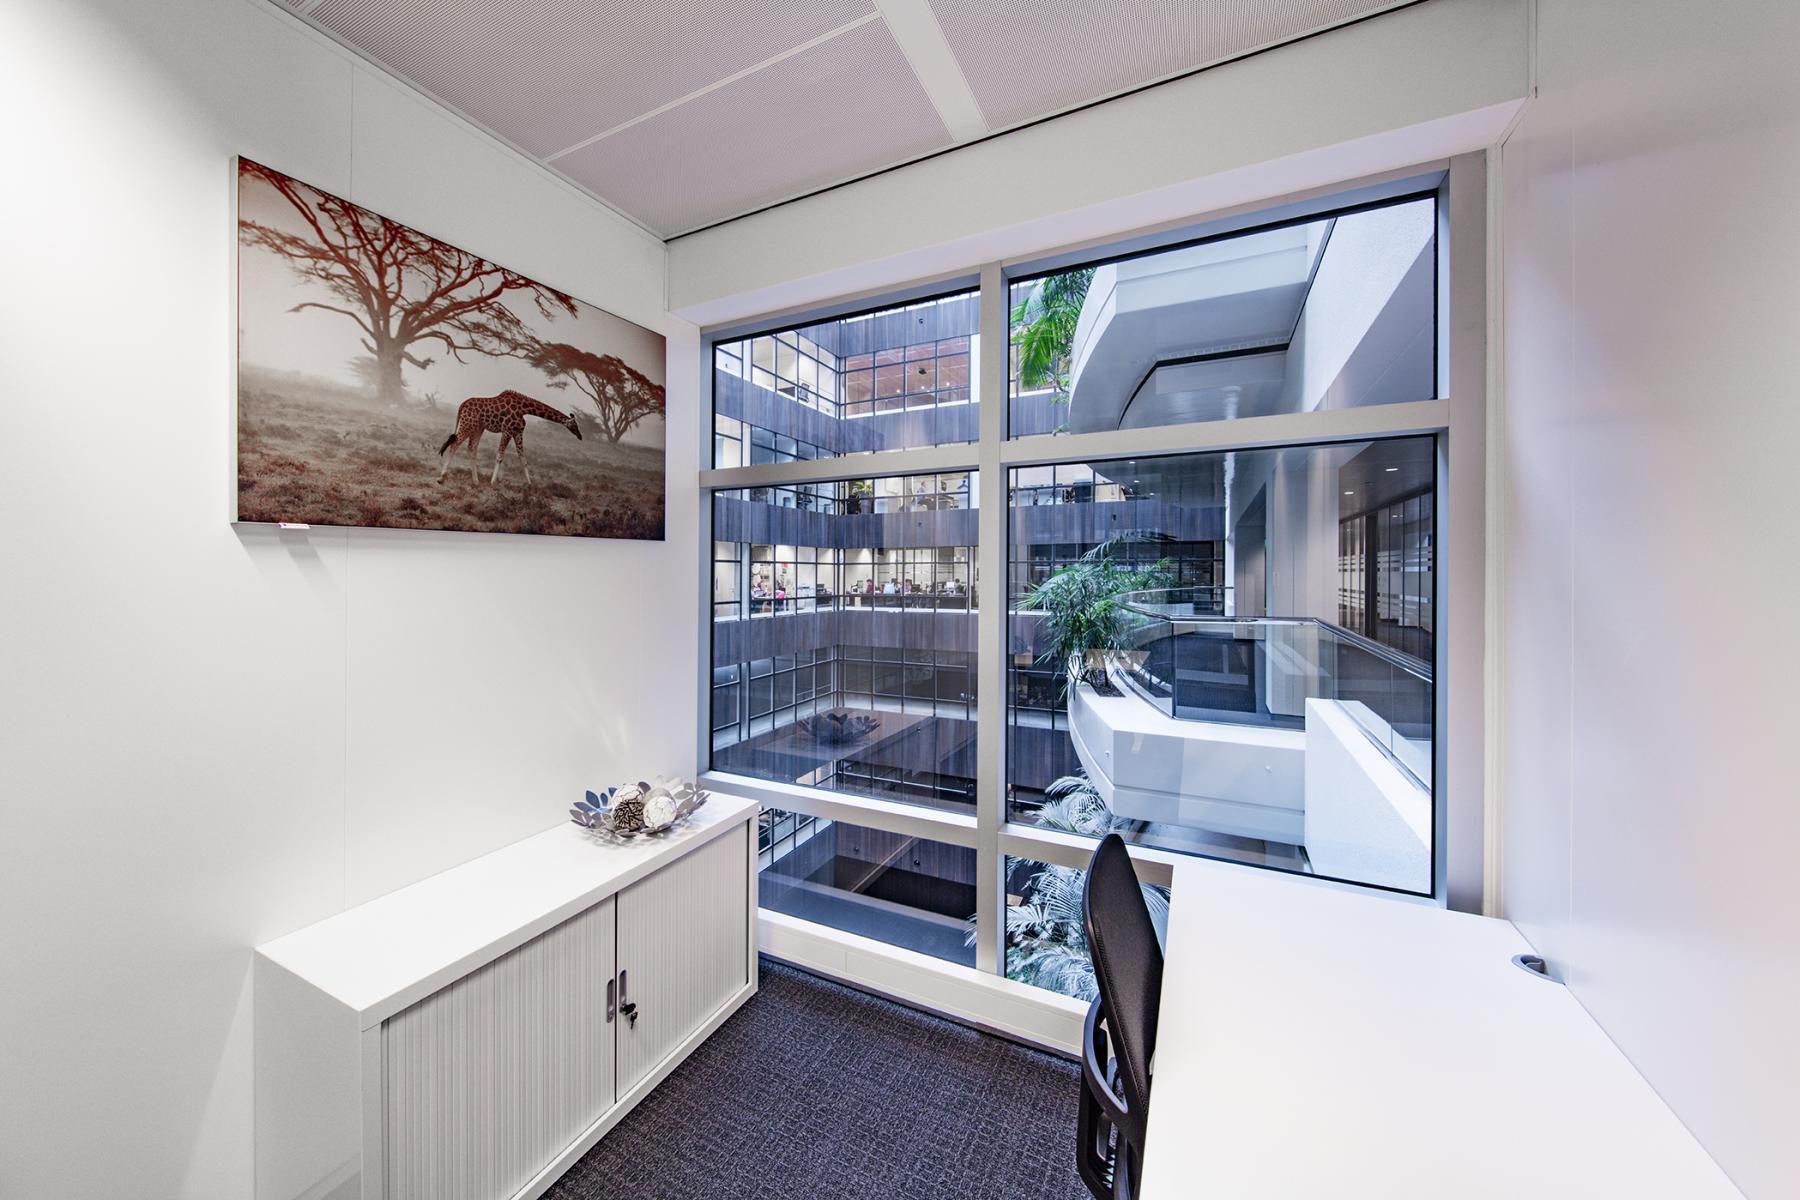 kantoorruimte werkplek raam uitzicht Amsterdam Strawinskylaan